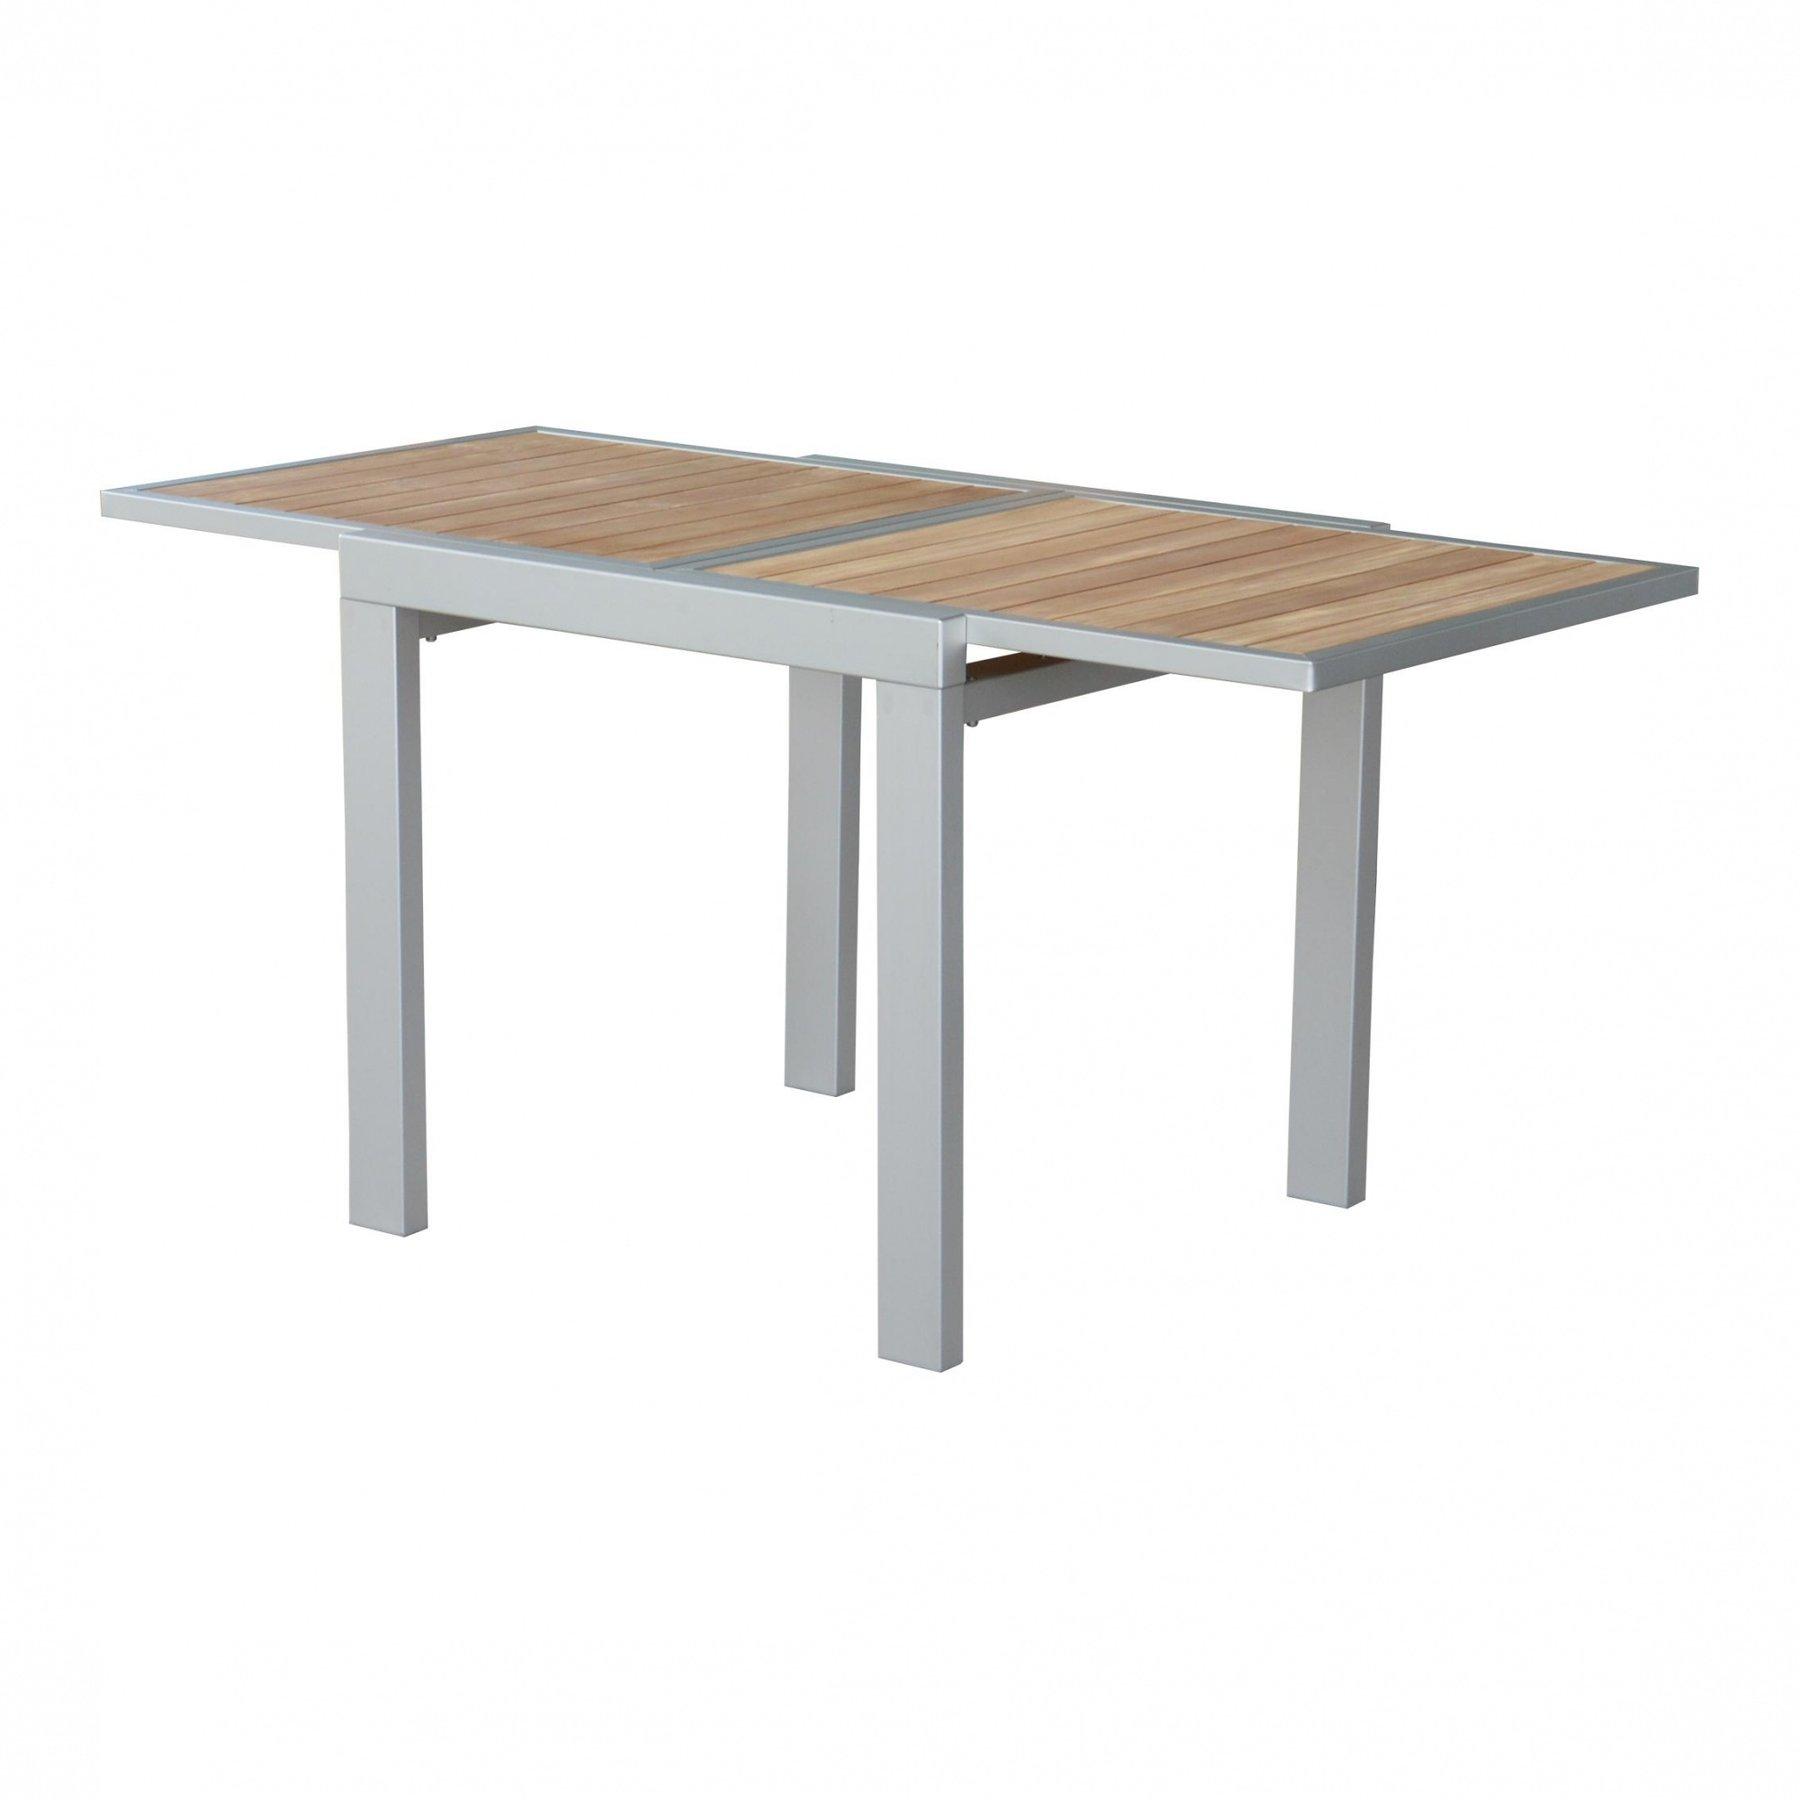 Gut gemocht Gartentisch ausziehbar bei PREIS.DE kaufen ab 102,79 € IA24